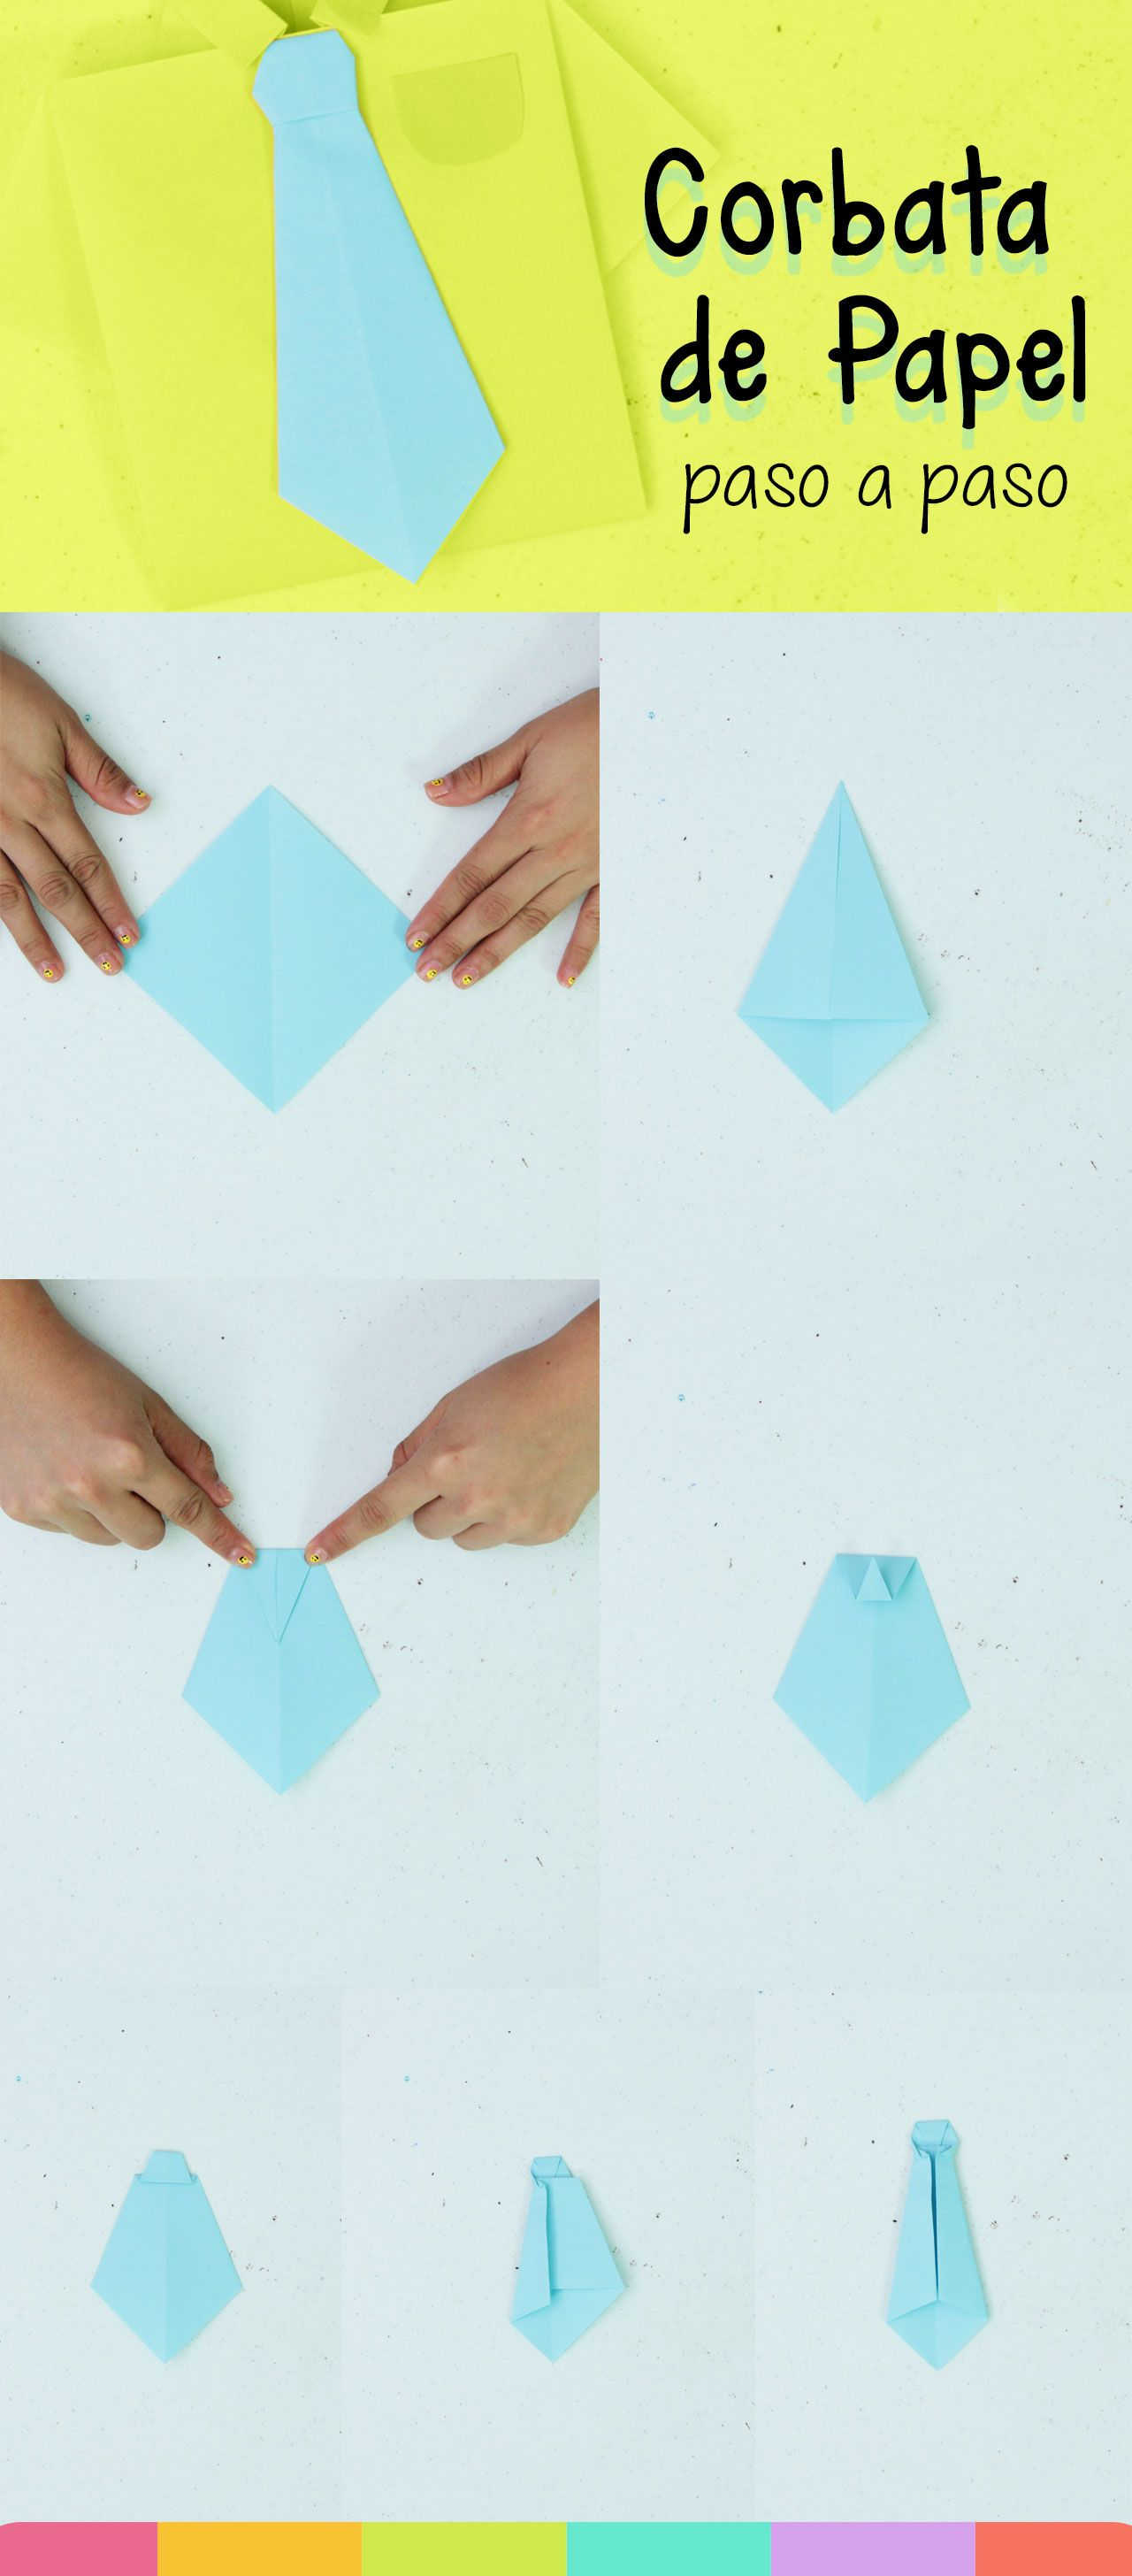 Camisa De Papel Idea Para El Dia Del Padre Origami Para El Dia Del Padre Carta Dia Del Padre Camisas De Papel